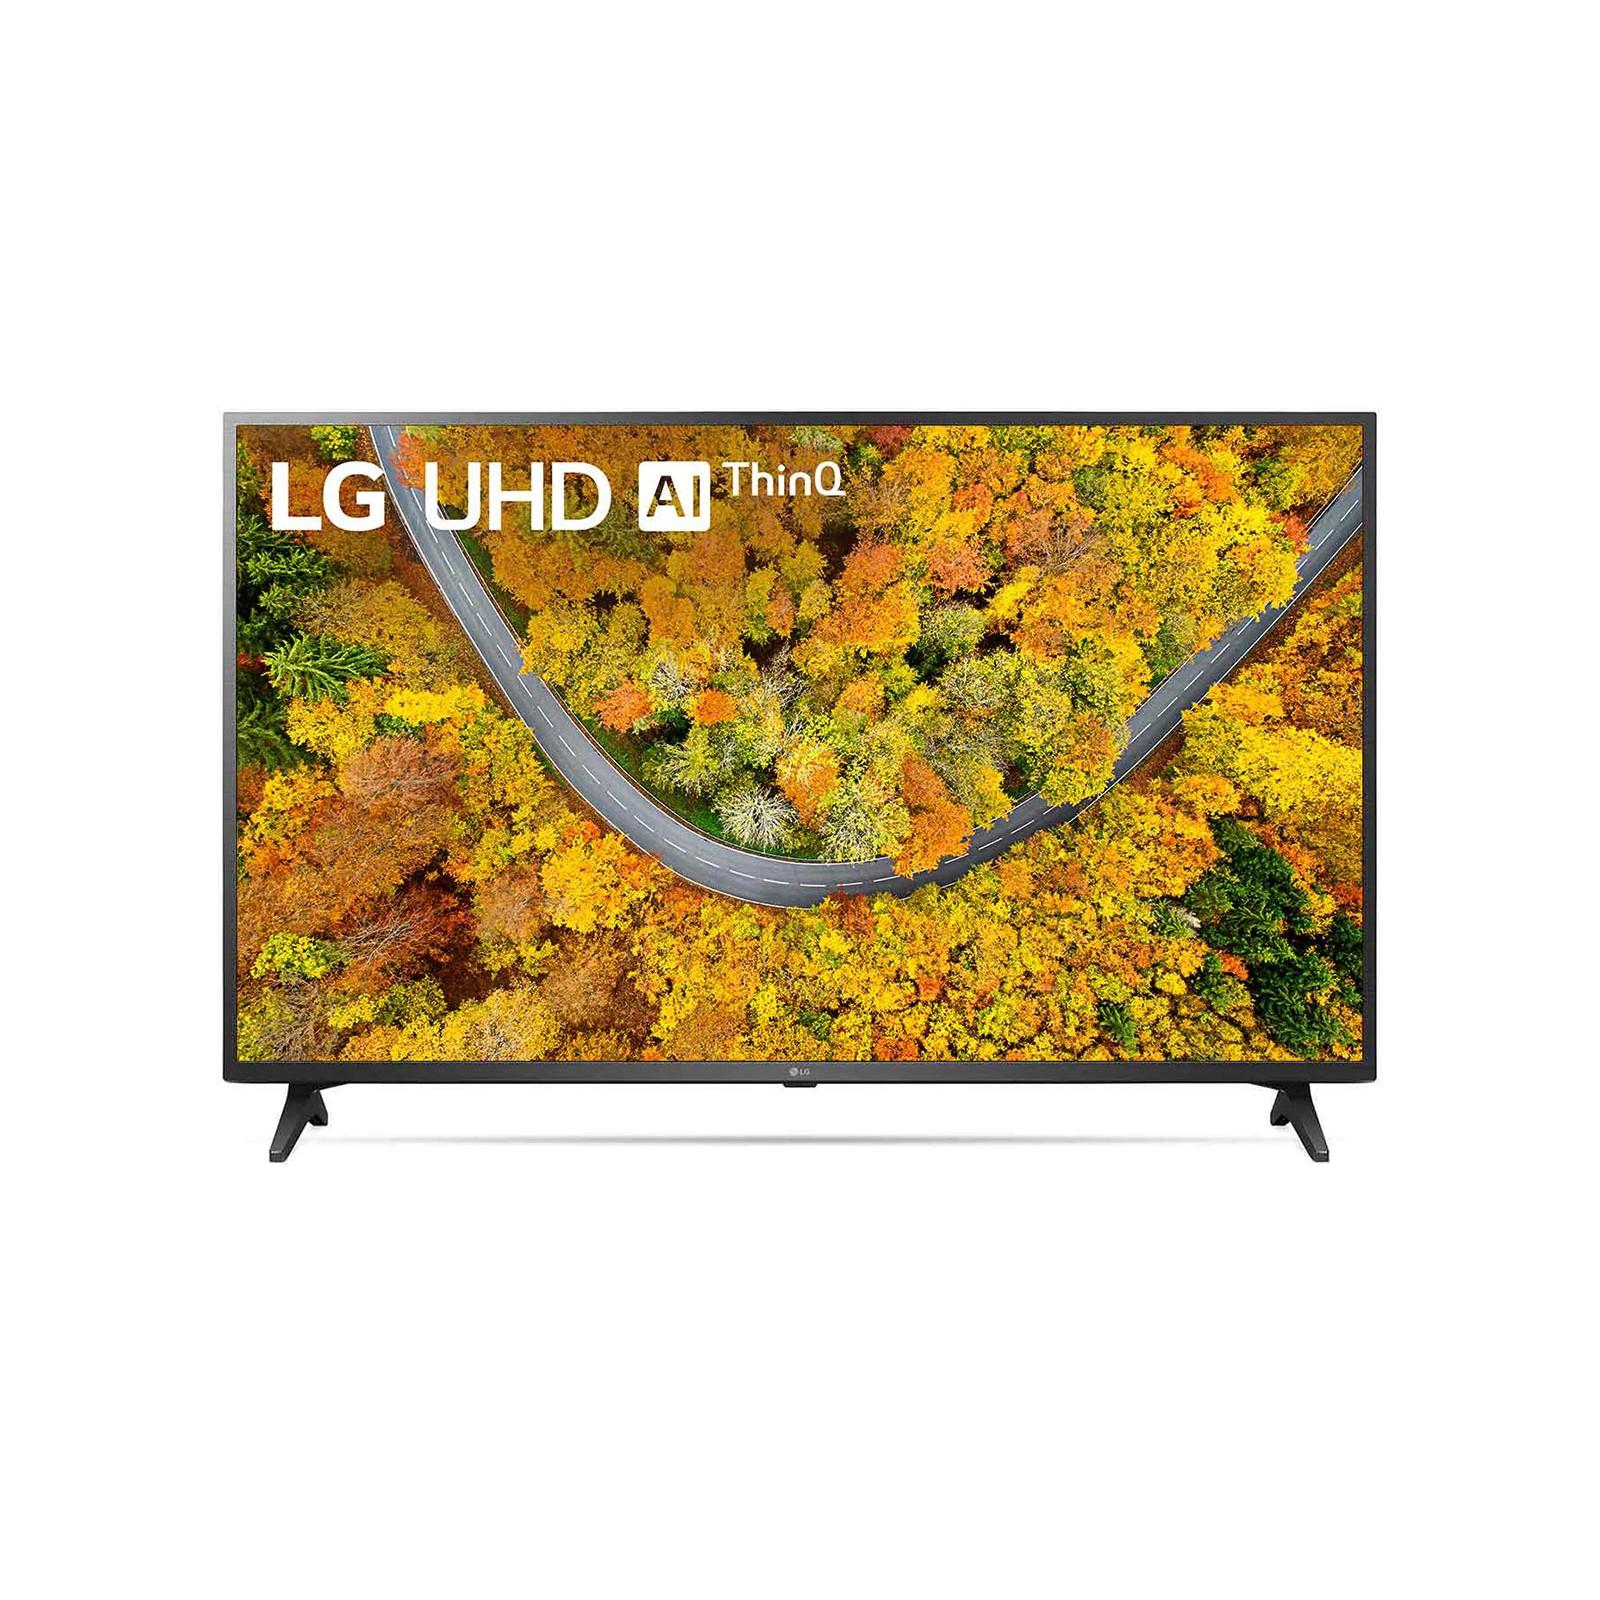 Smart TV LED 50 LG 4KUltra HD 50UP7550 - Conversor Digital Wi-Fi 2 HDMI 1 USB